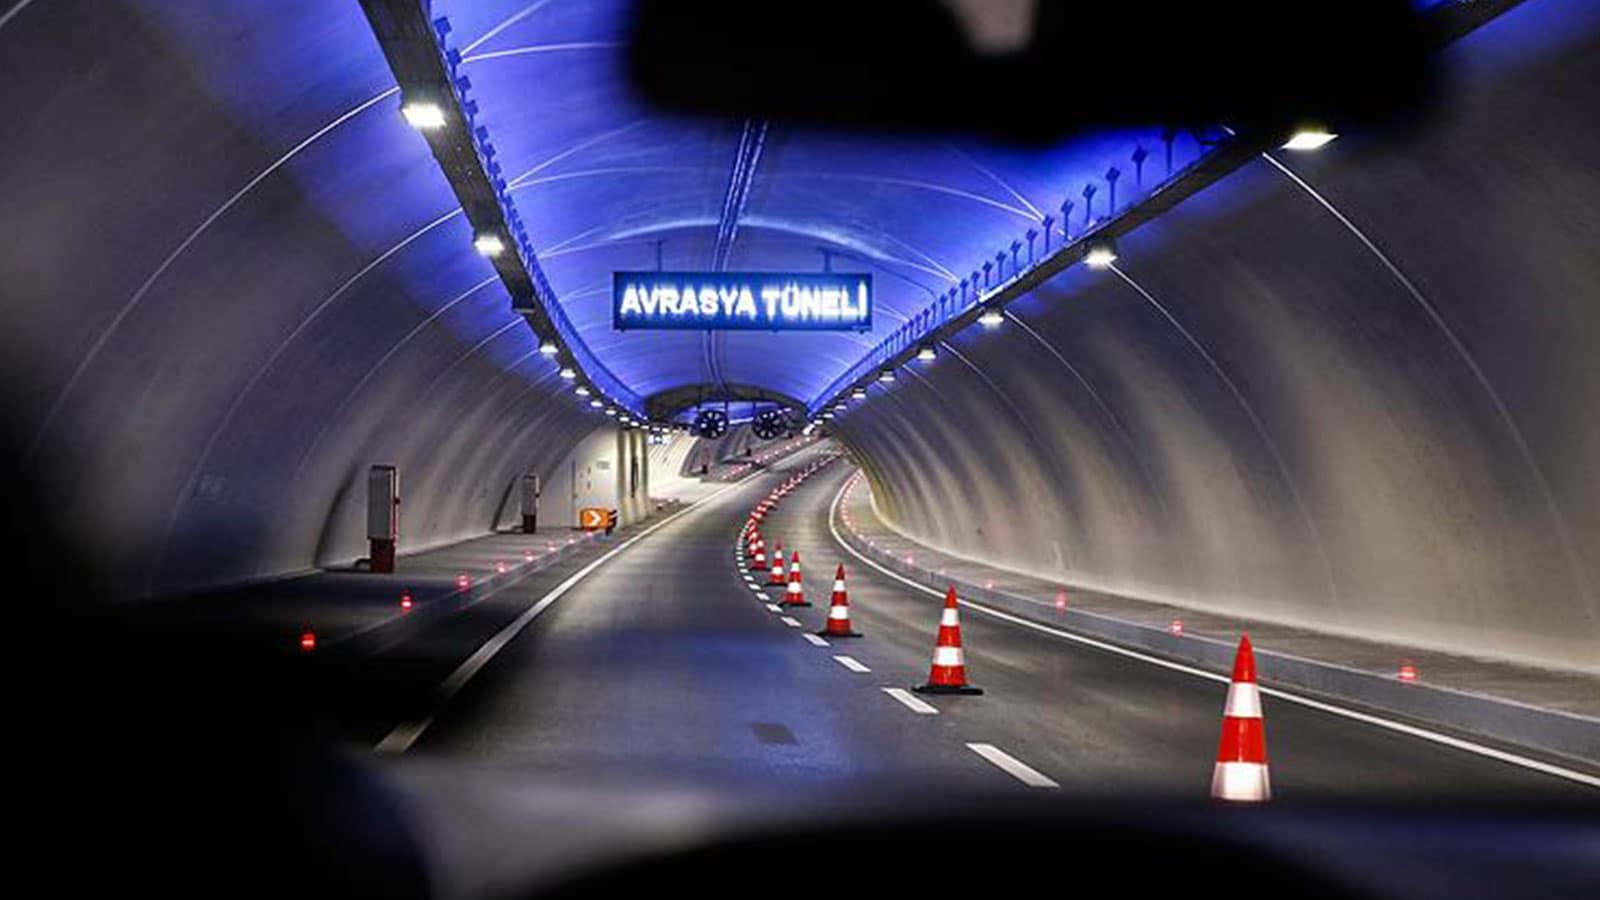 Avrasya Tüneli'nde Otomobil Geçiş Ücreti 46 Liraya Çıktı